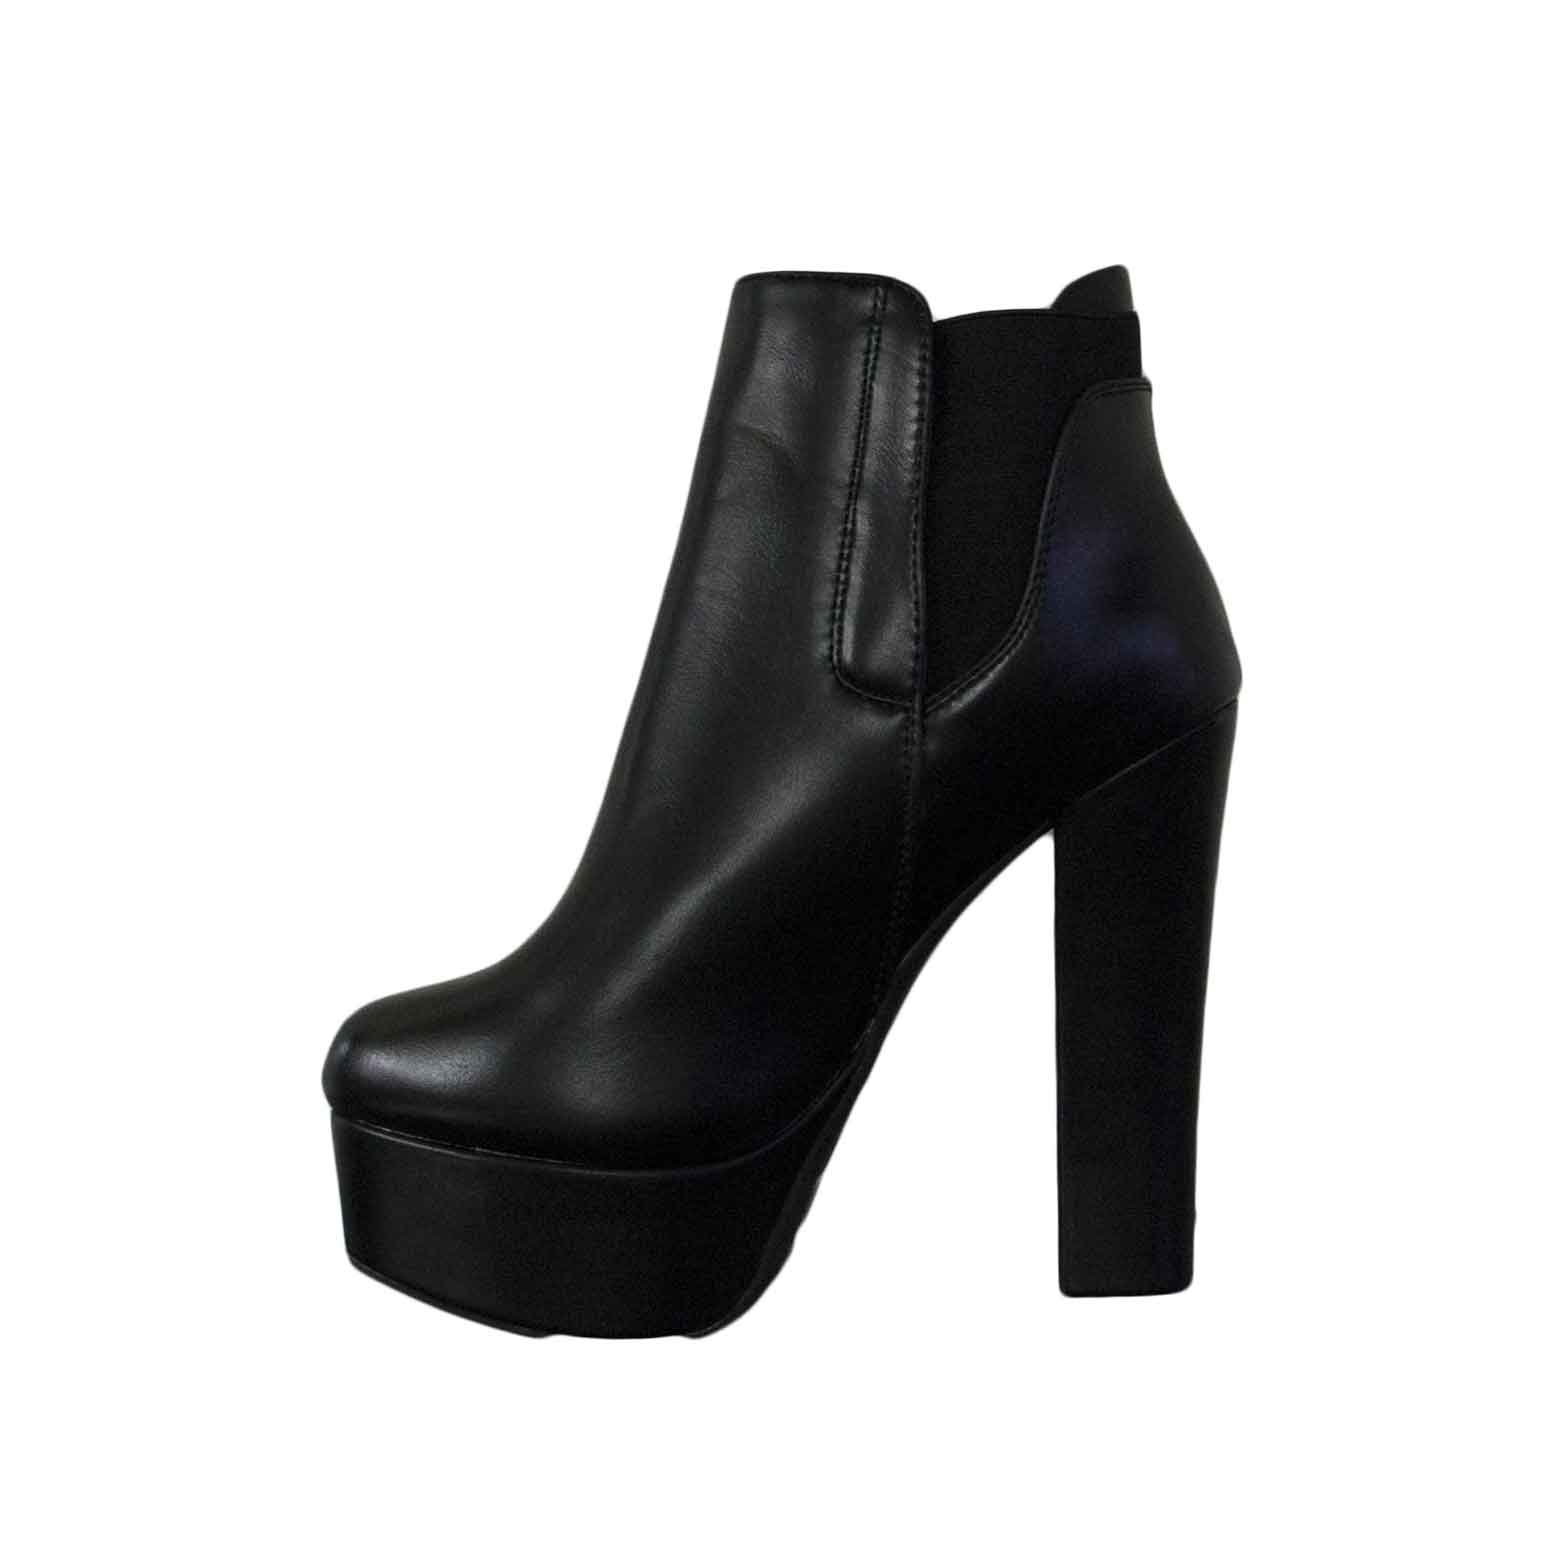 5ad68100a858d6 Scarpe donna tronchetto nero ecopelle elastico tacco alto comfort donna  tronchetti Malu Shoes | MaluShoes